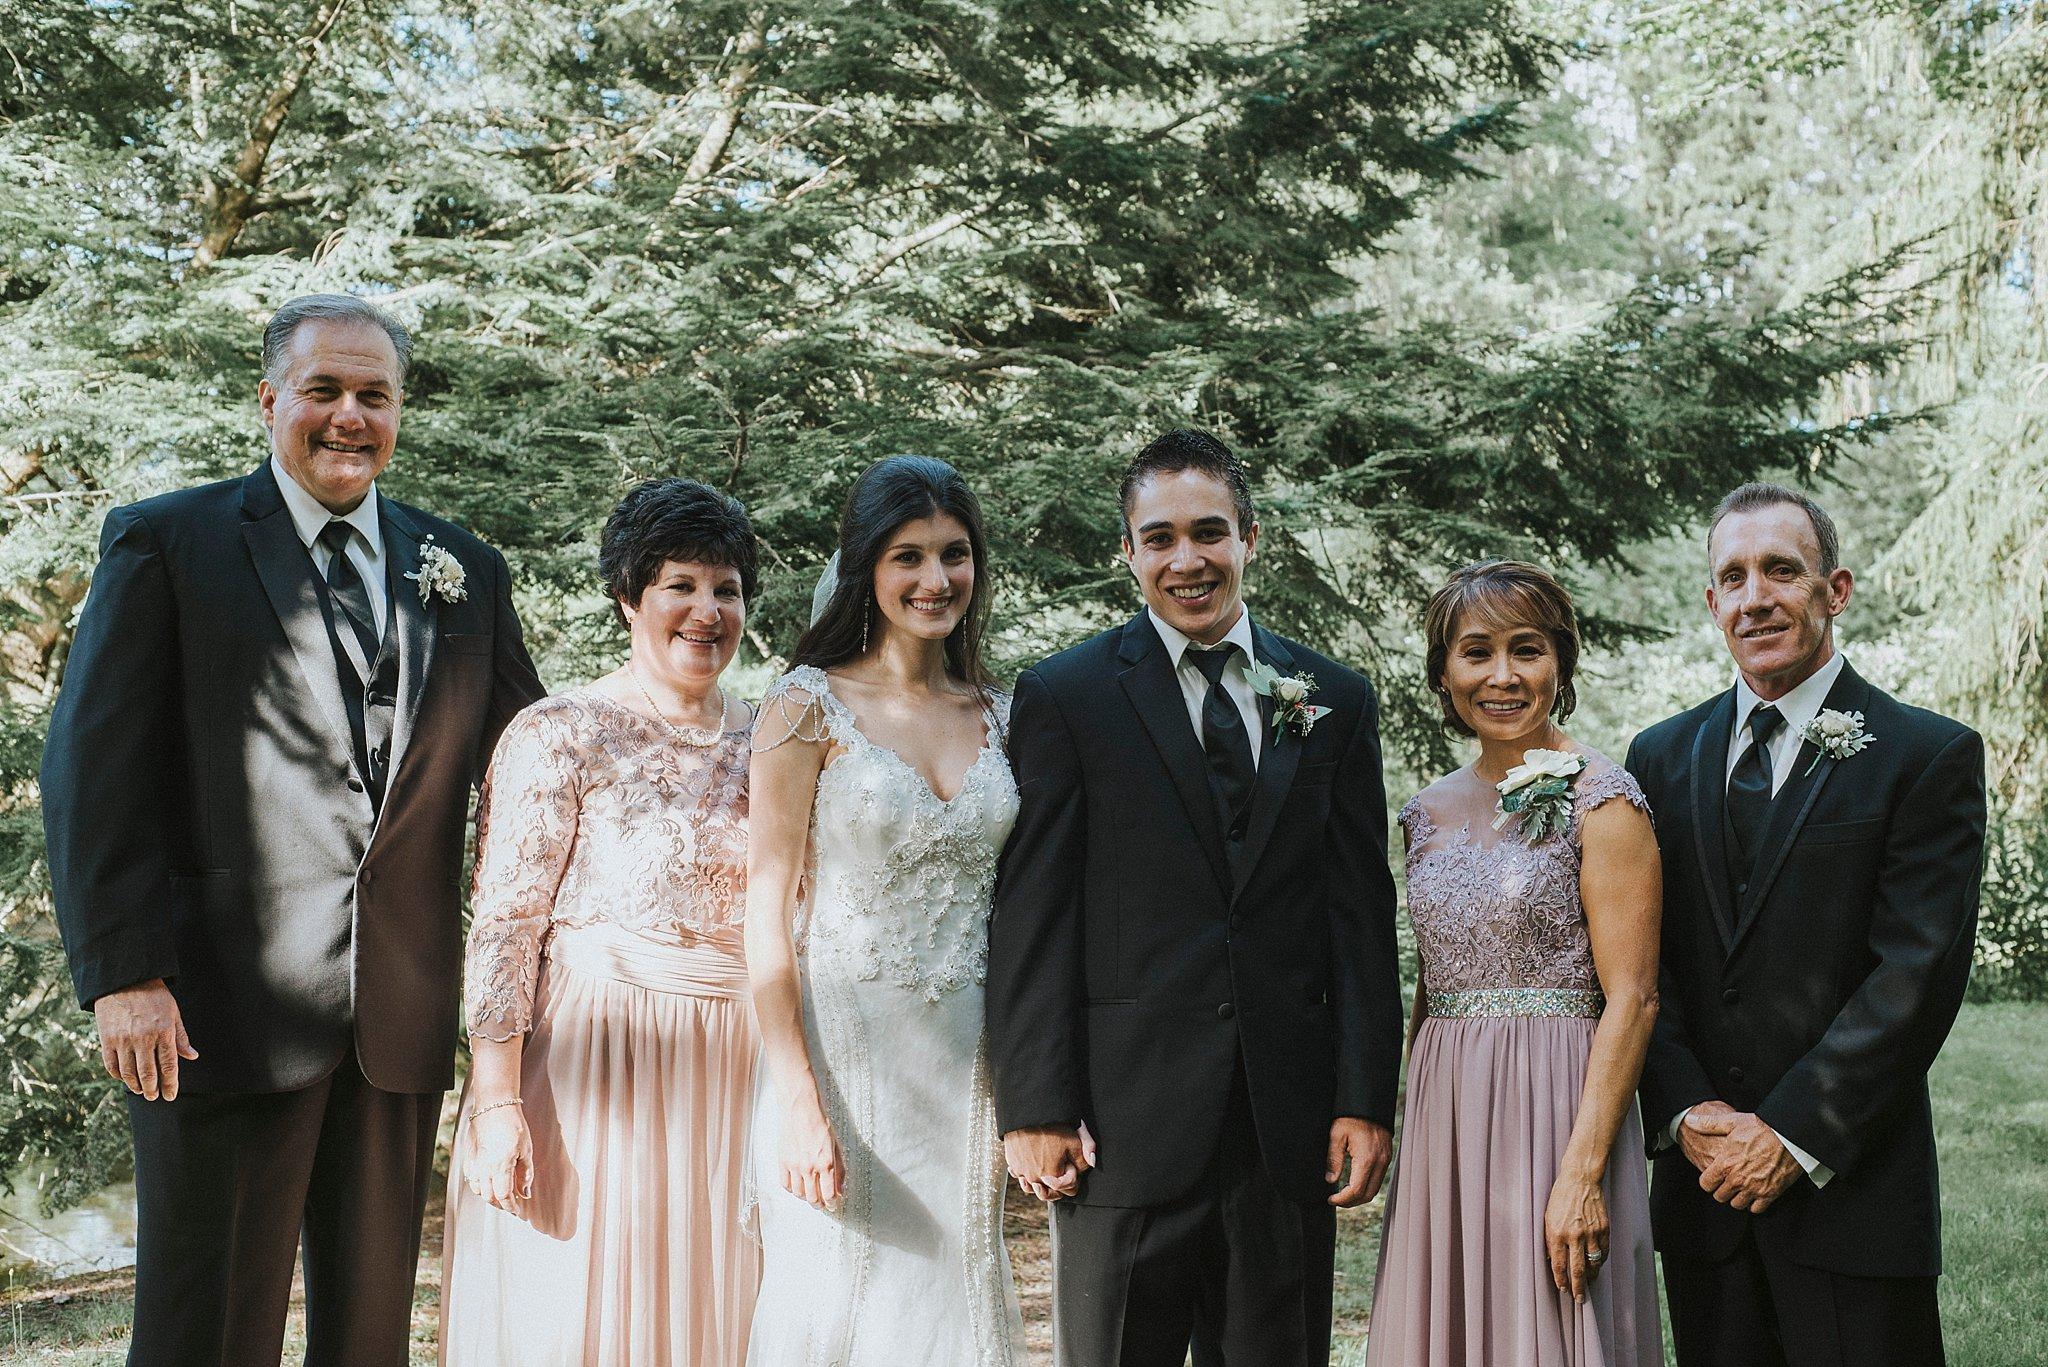 Informal family formals